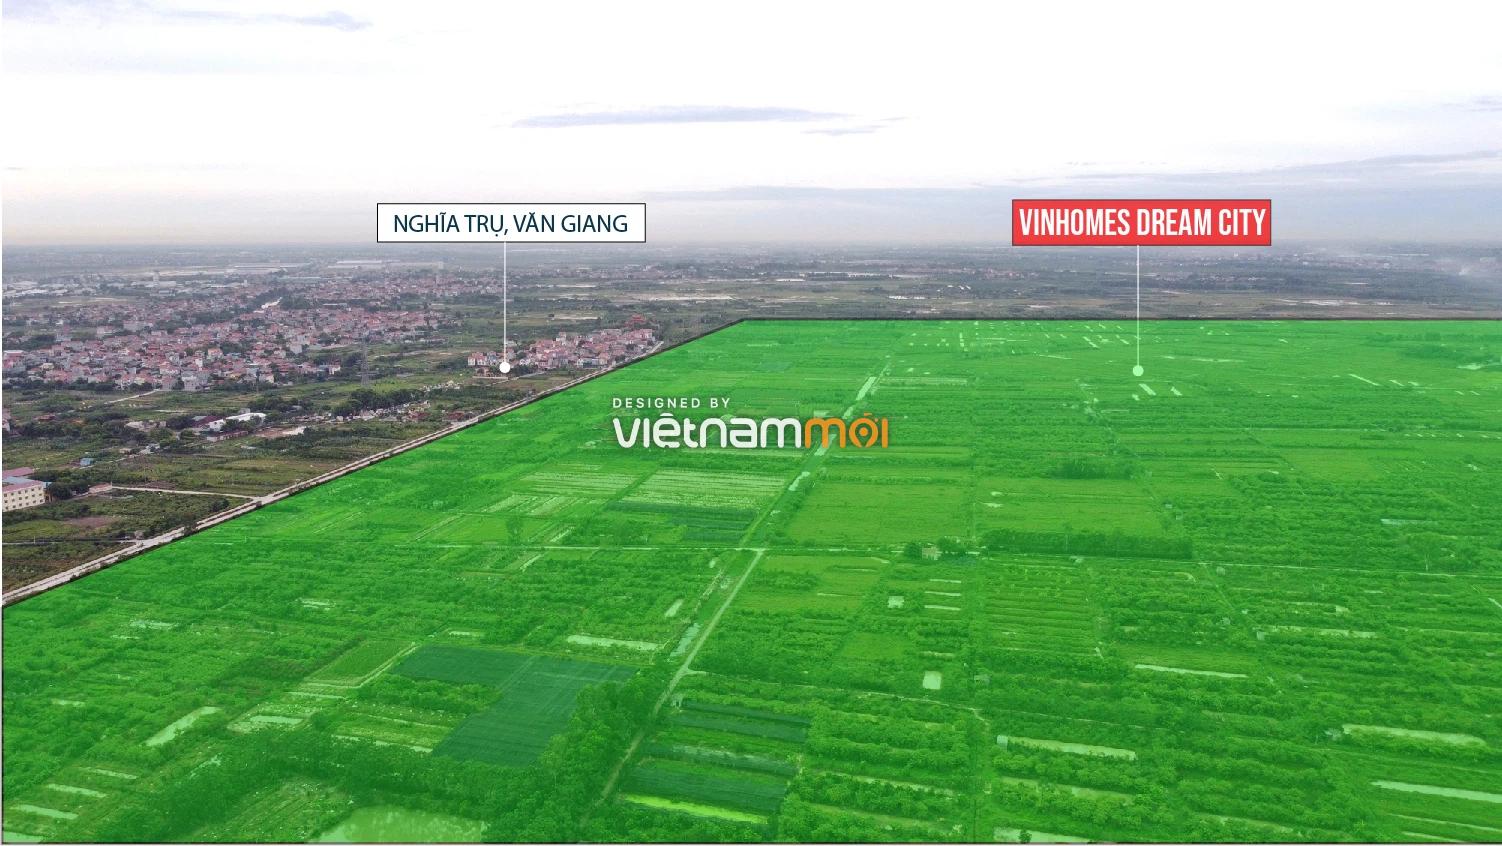 Toàn cảnh ba đại dự án Vinhomes Wonder Park, Vinhomes Cổ Loa và Vinhomes Dream City sắp ra mắt - Ảnh 5.